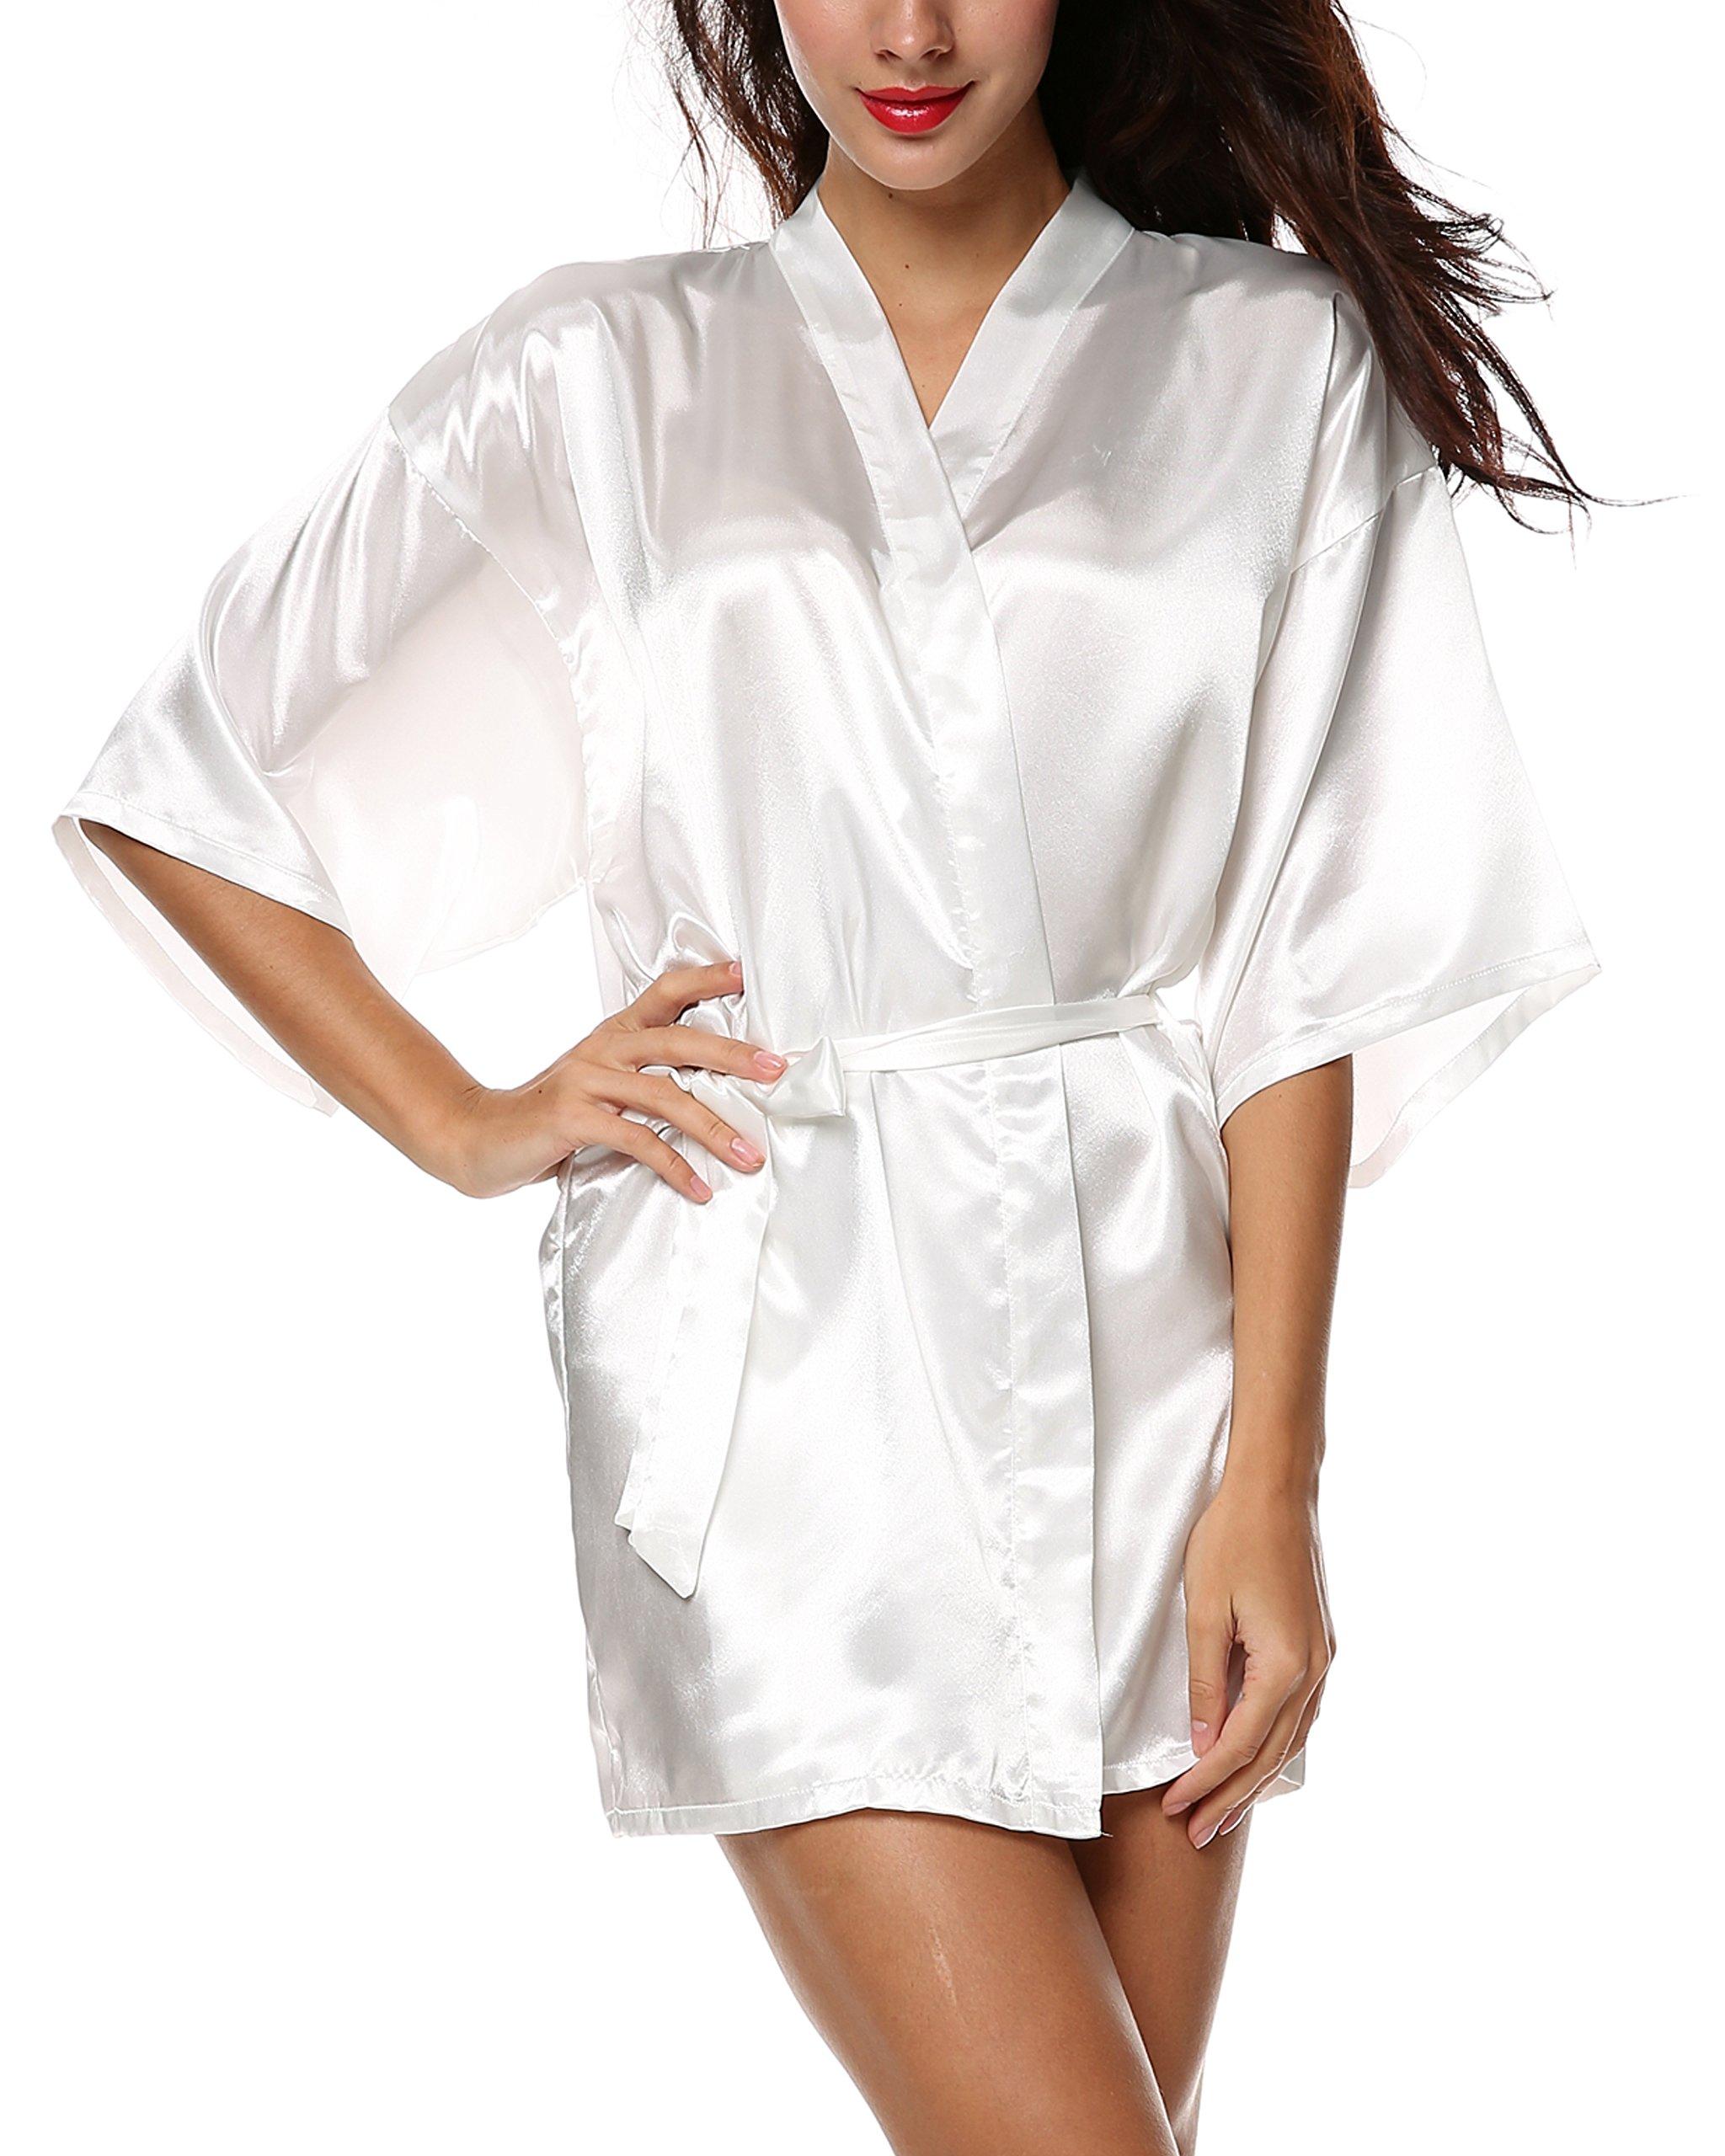 Avidlove Women Lingerie Lace Babydoll Mini Full Slips Modal Sleepwear White M